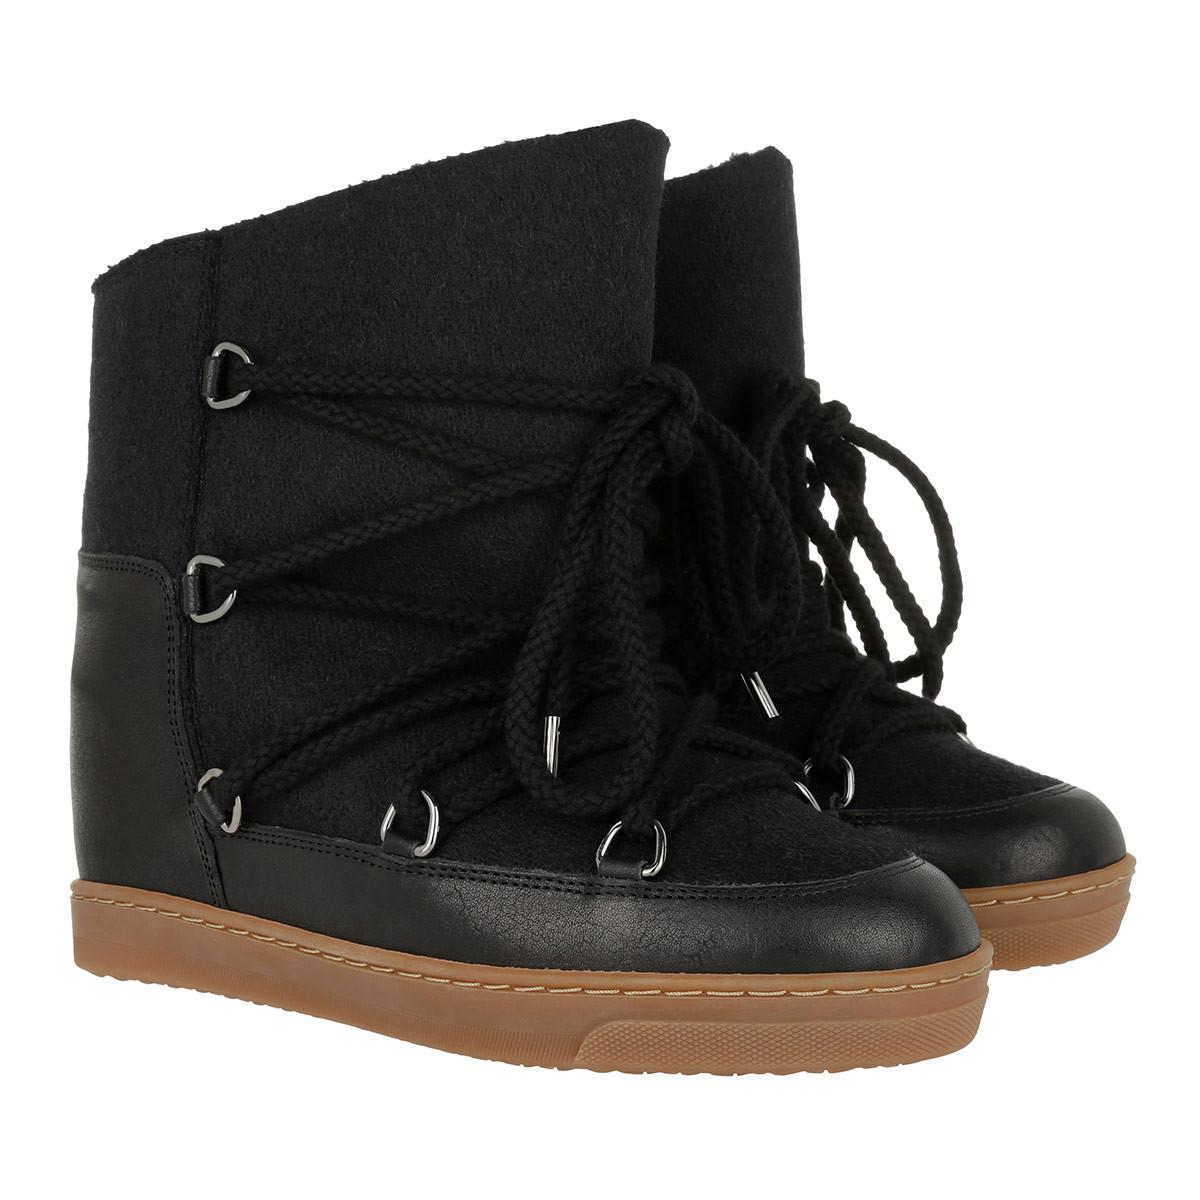 Isabel Marant Étoile Laarzen & Laarsjes - Nowles Snow Boots Flannel Carry Over Anthracite in grijs, zwart voor dames